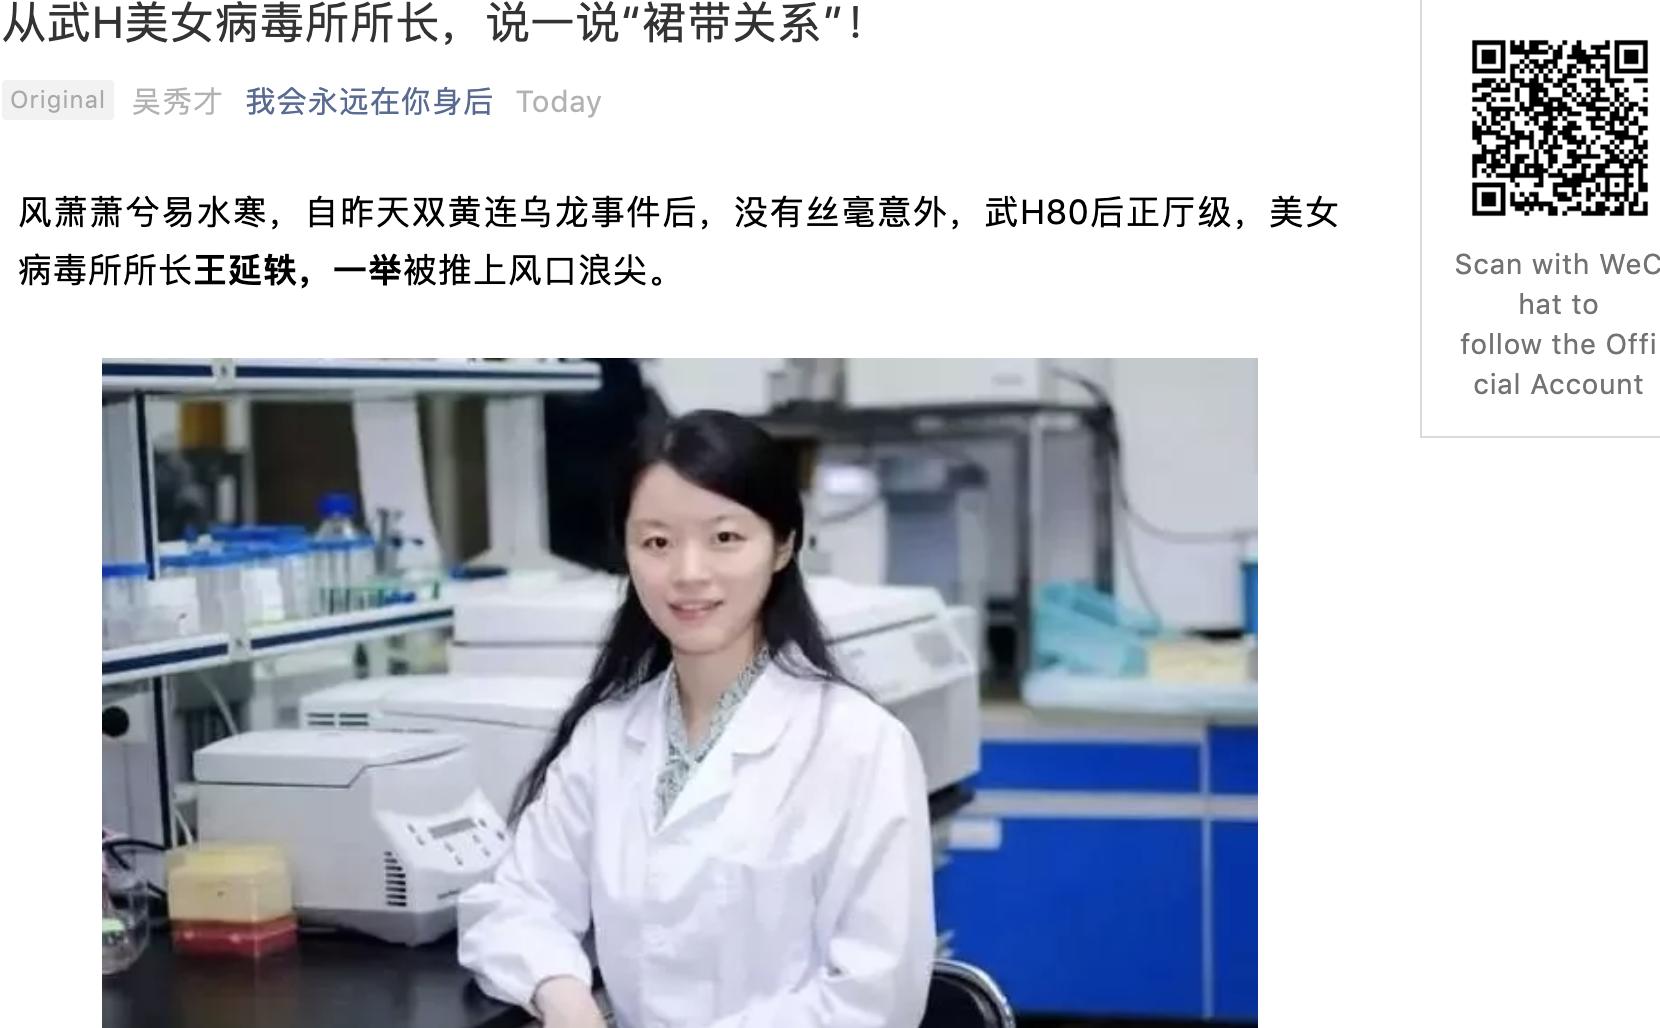 武漢病毒研究所,80後女所長王延軼。(微信截圖)